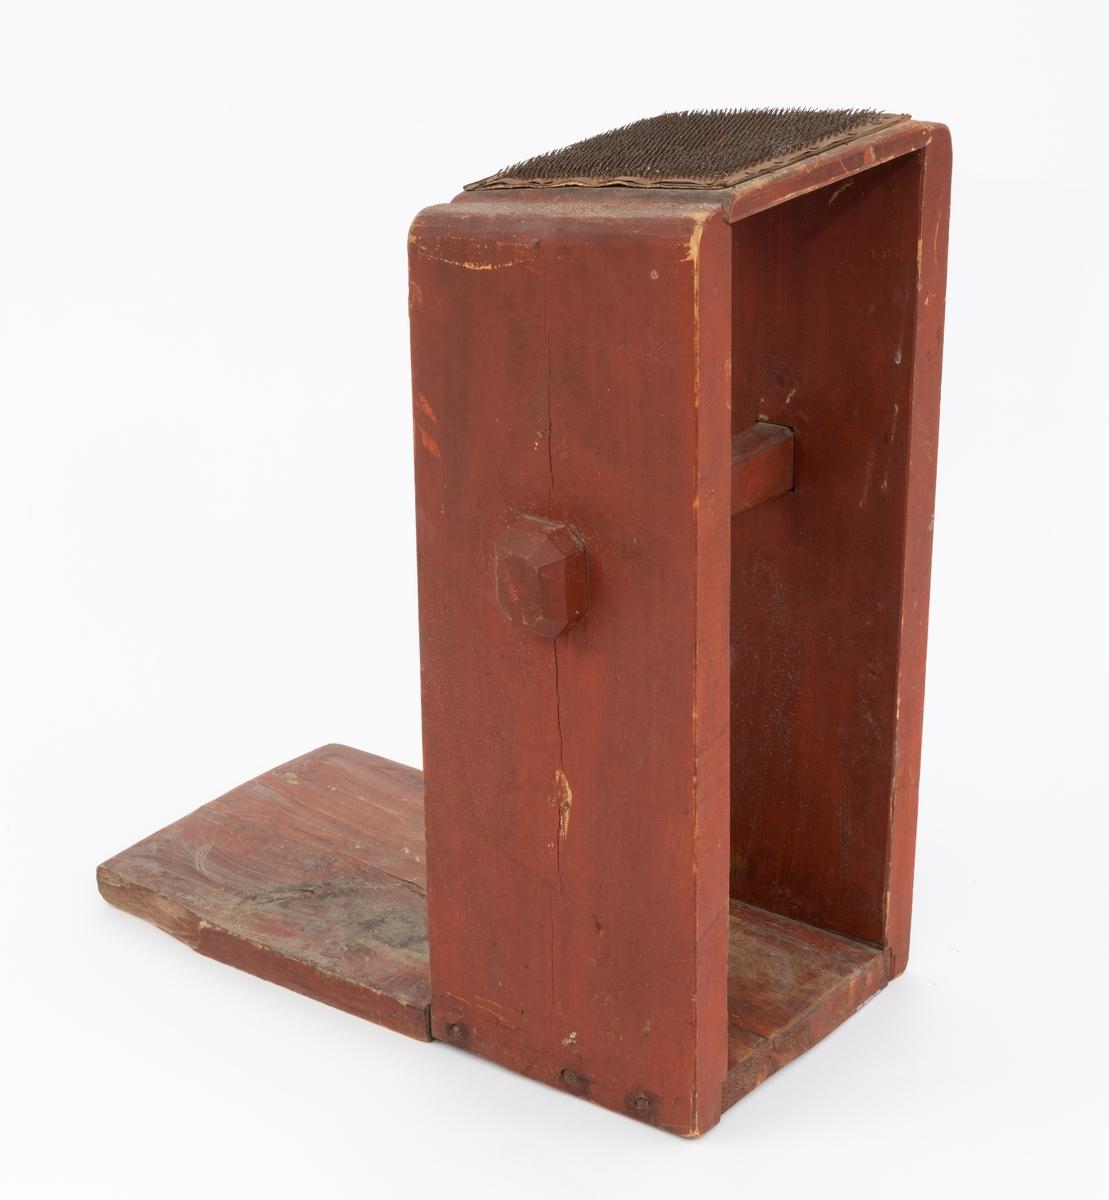 """Dette objektet er del av en gruppering som består av to kardekrakker og en håndkarde som er brukt til å bearbeide ull, slik at den blir klar til å spinnes til garn. Dette skjemaet omhandler den ene kardekrakken (krakkarden). Kardene av denne type er brukt til første gangs karding av ull. Ulla som behandles ligger an på kardekrakken og blir beharbeidet med en håndkarde.  Kardekrakken, krakkarden, består av en kasselignende konstruksjon som er montert vertkalt til en treplate (fot). Kassas topp består av en plate som er trukket med et tilnærmet kvadratisk lærstykke. Fra lærstykket stikker det opp små bøyde nåler av jern. (Ulla som skal behandles legges an på denne """"nåleputa""""). Kassas sider er festet med smidde spiker til foten. Mellom kasseveggene, er det strukket en stolpe, strekkfisk. Det er gjennomgående hull i begge kassevegger som stolpen er strukket gjennom. Stolpen er låst med en kile på ene siden."""